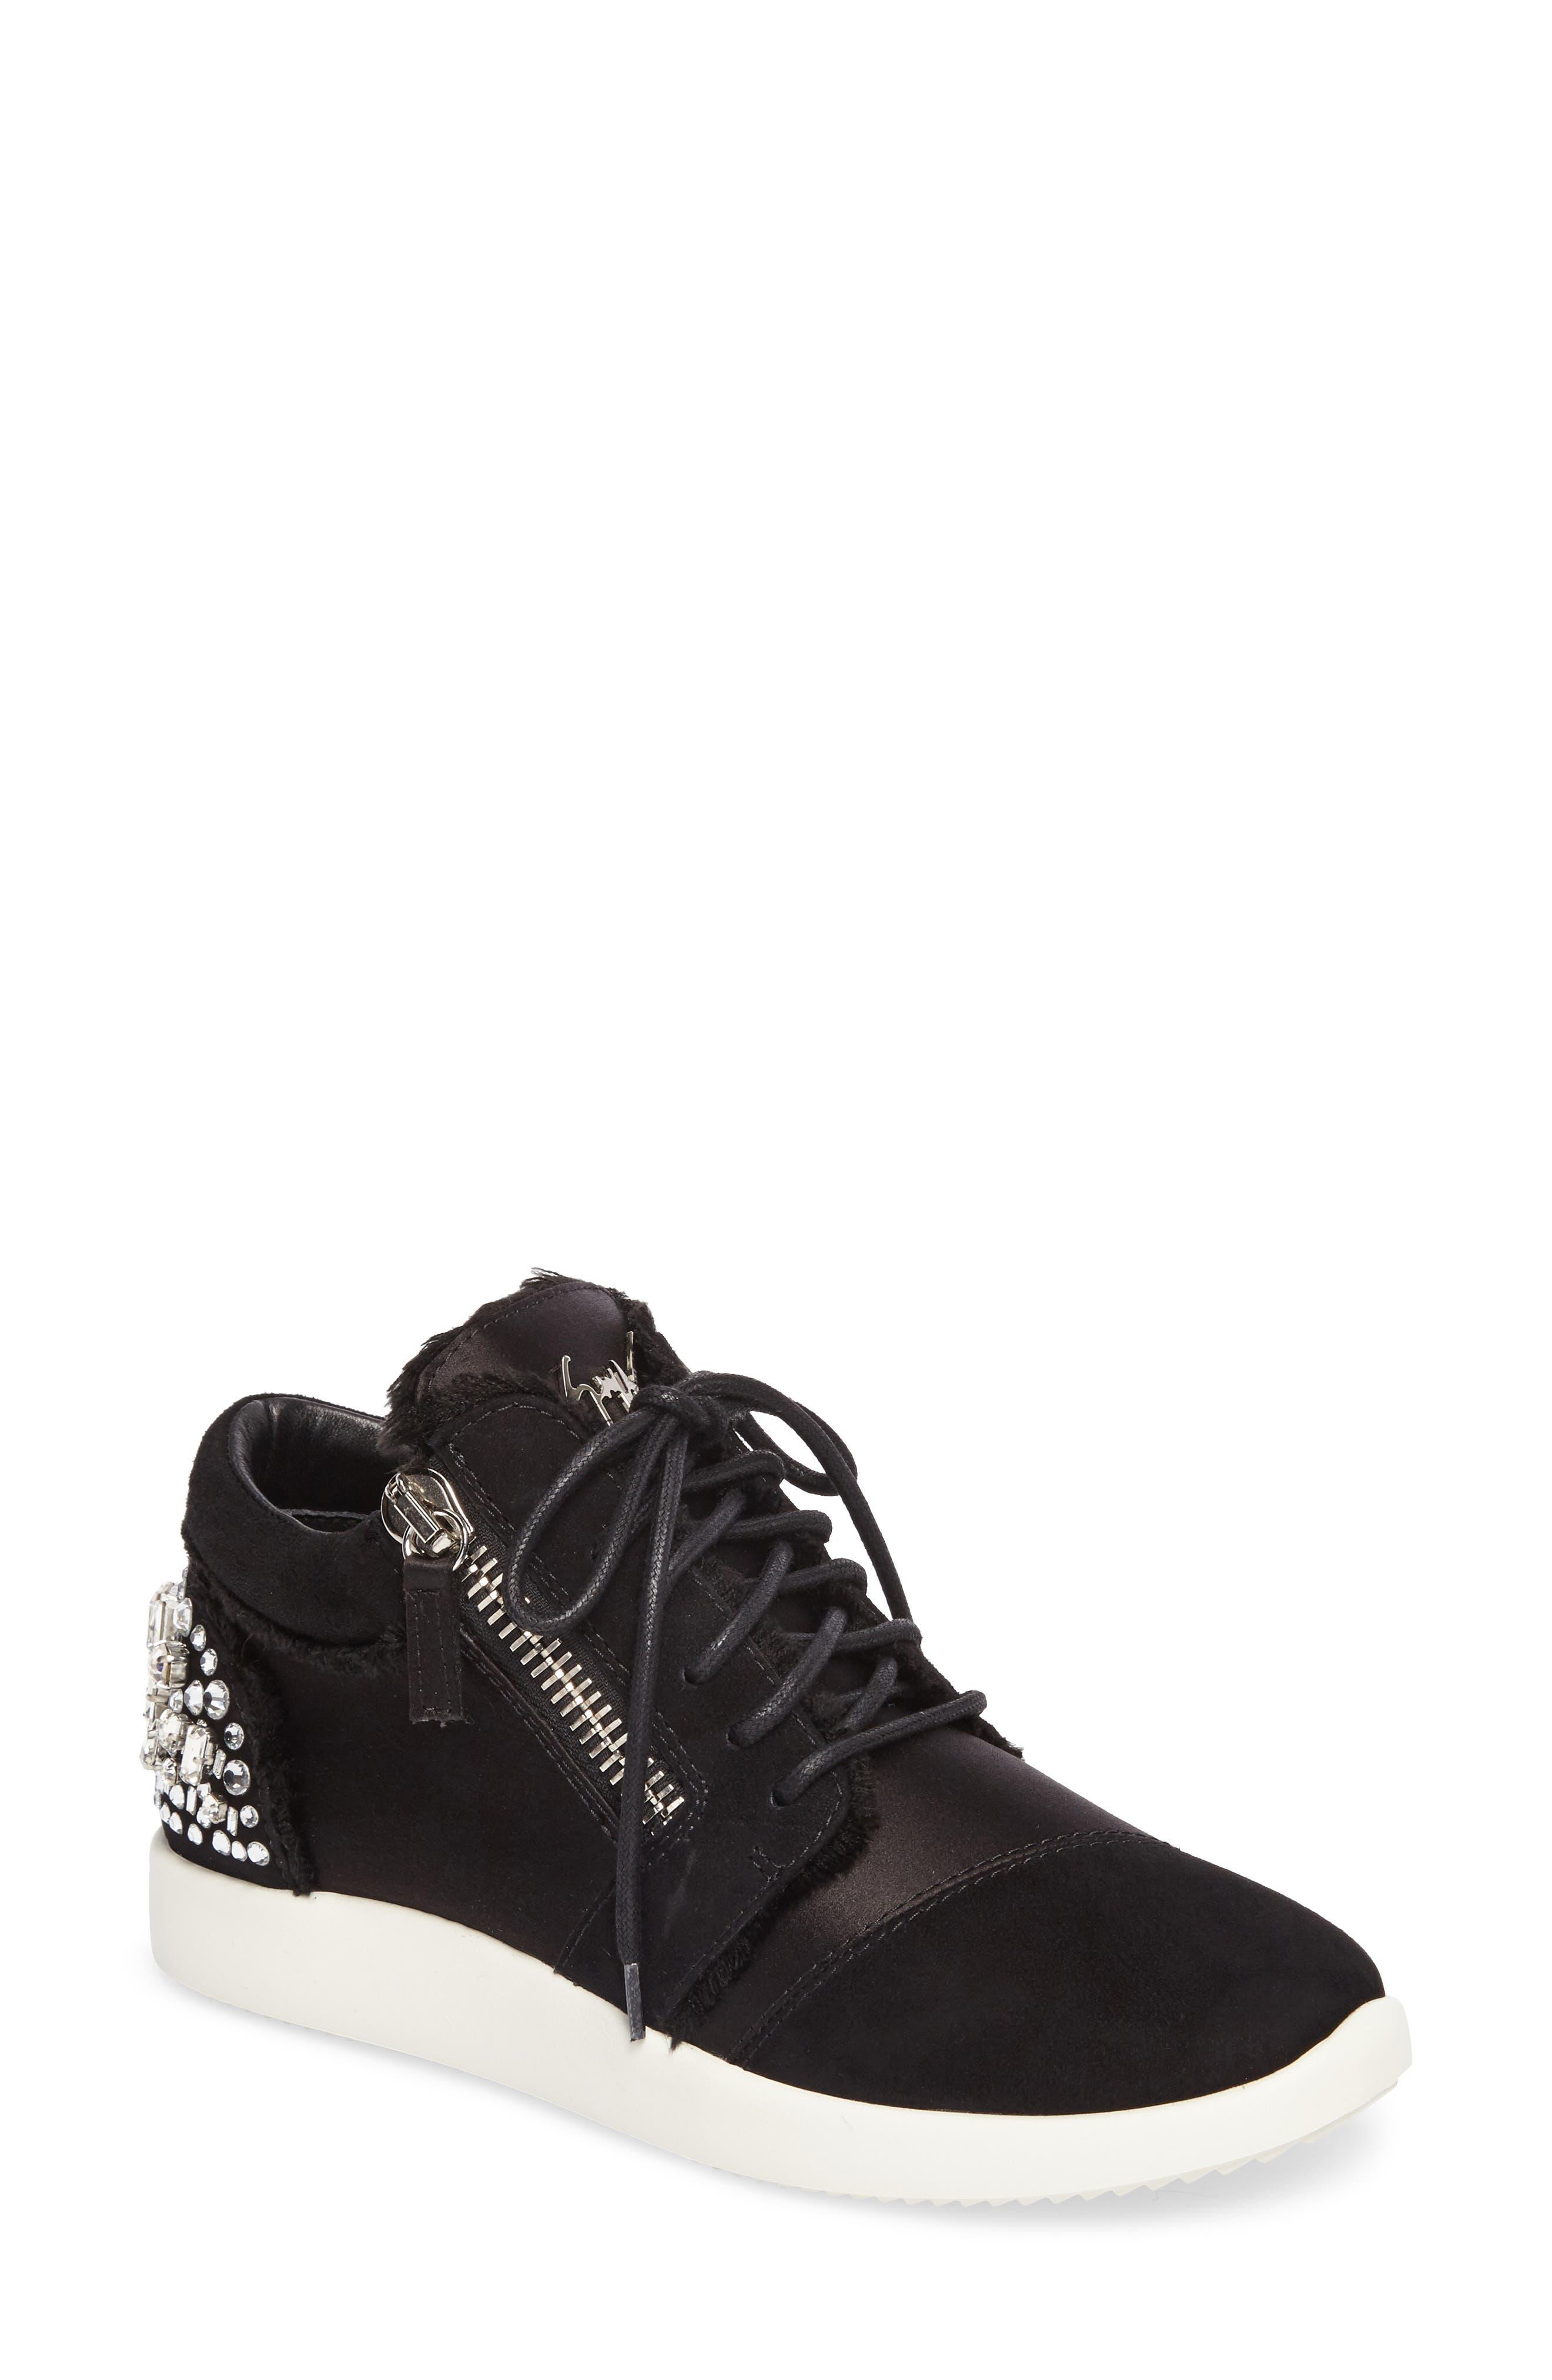 GIUSEPPE ZANOTTI Swarovski Crystal Embellished Sneaker, Main, color, 001